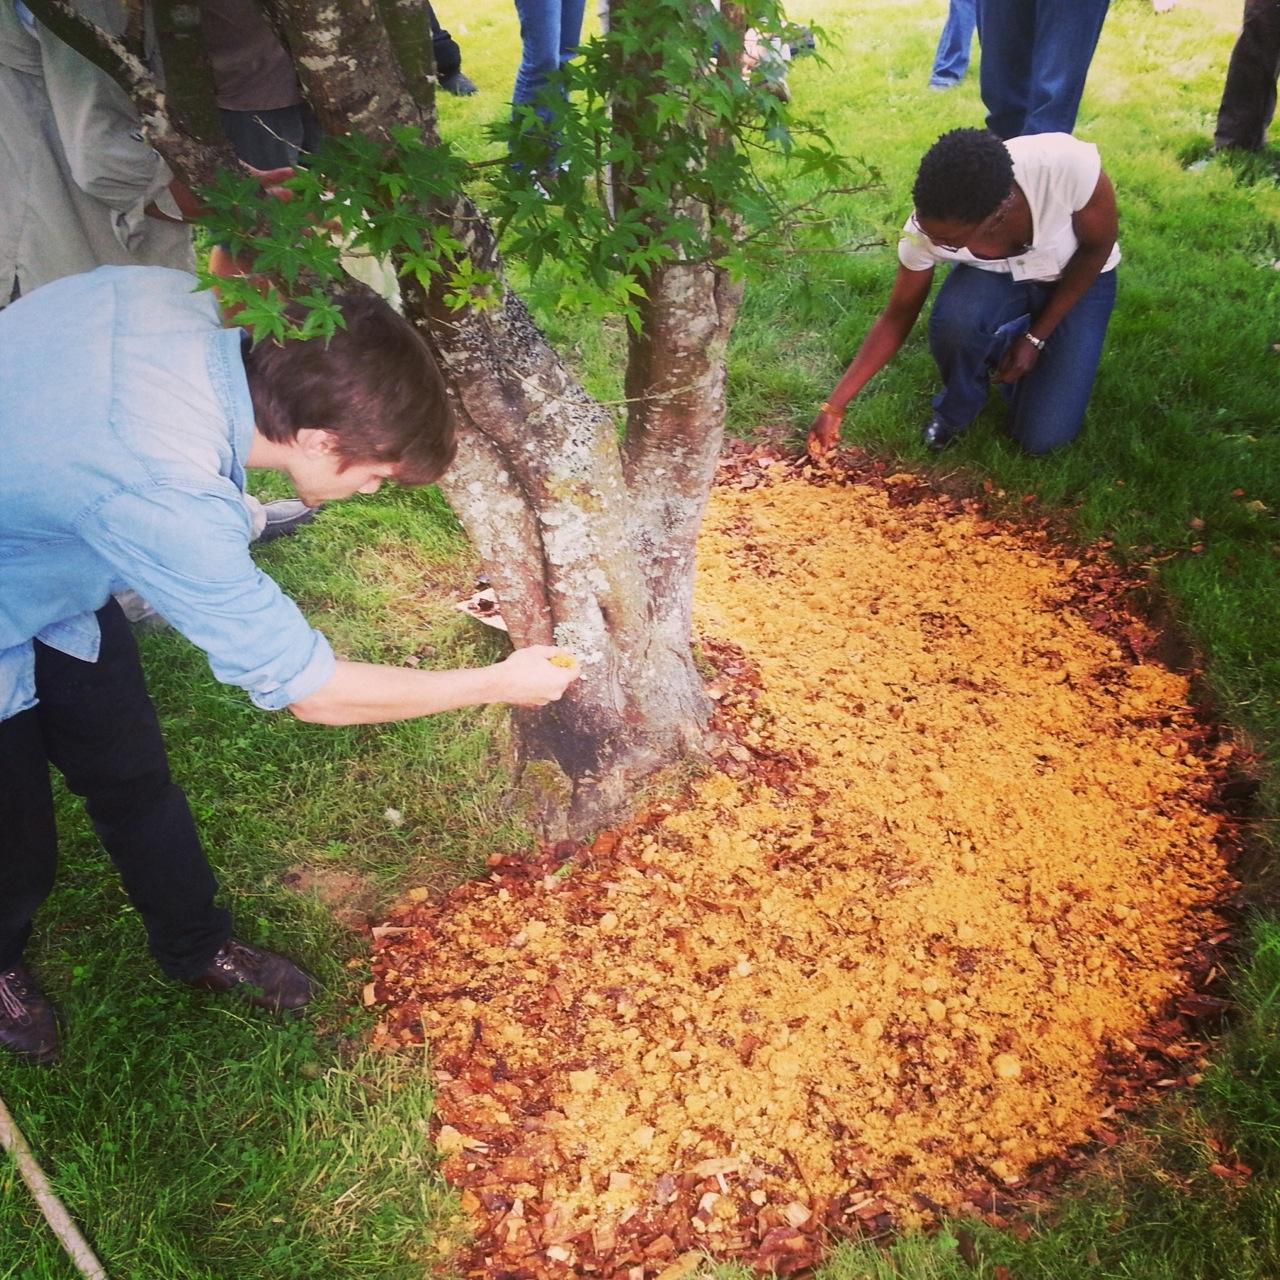 Making a mushroom garden with sawdust spawn